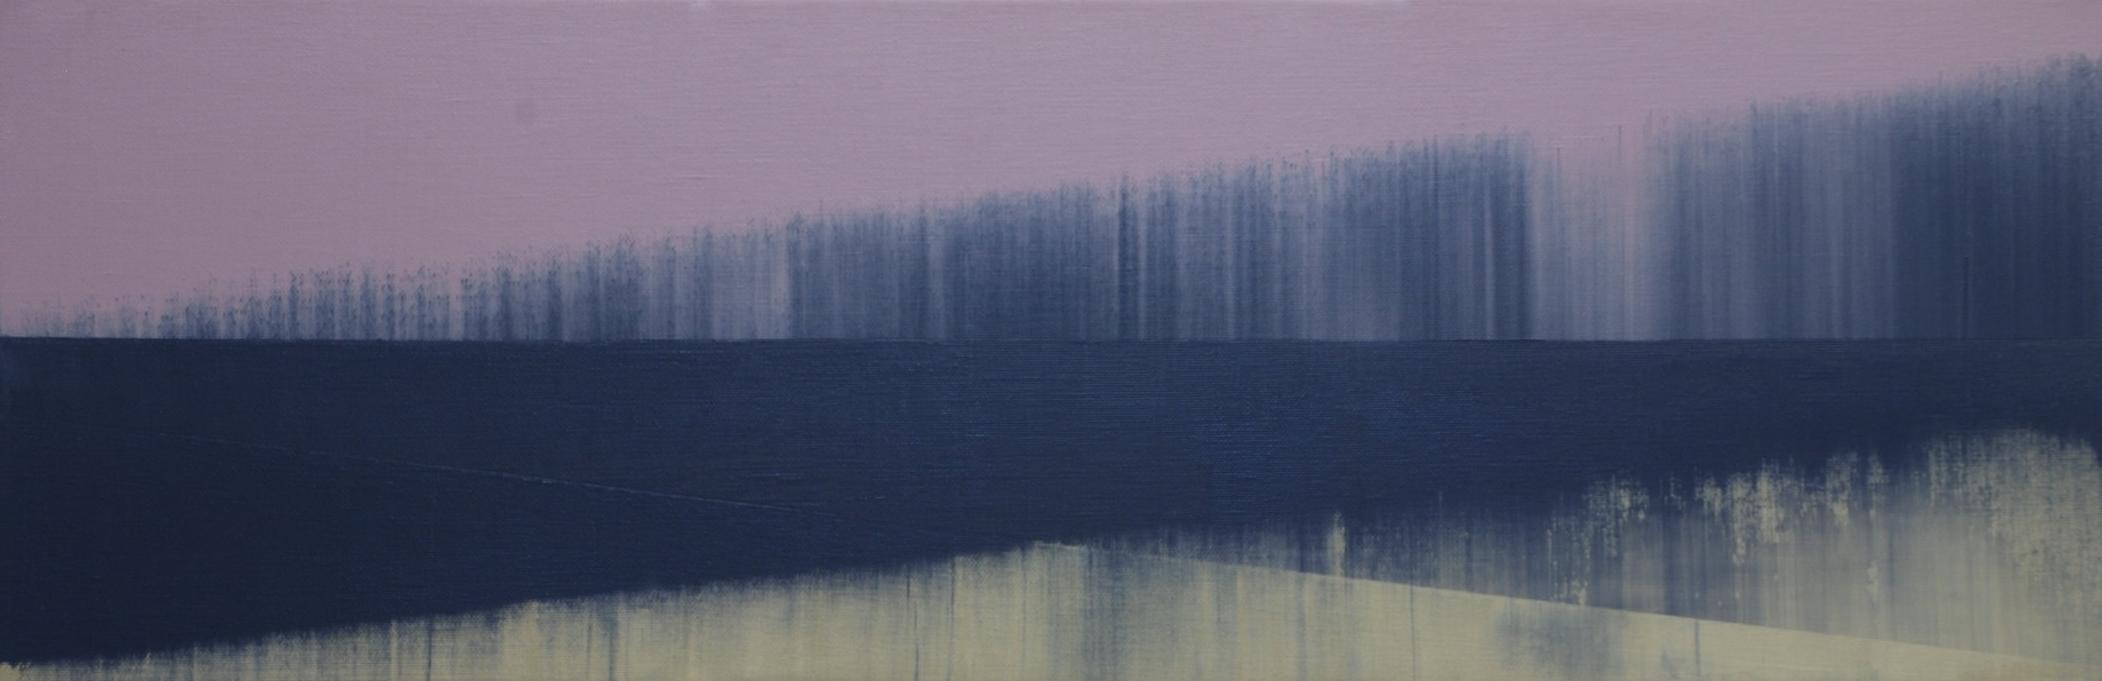 Parallel Terrain  | 75cm x 25cm Oil on Canvas